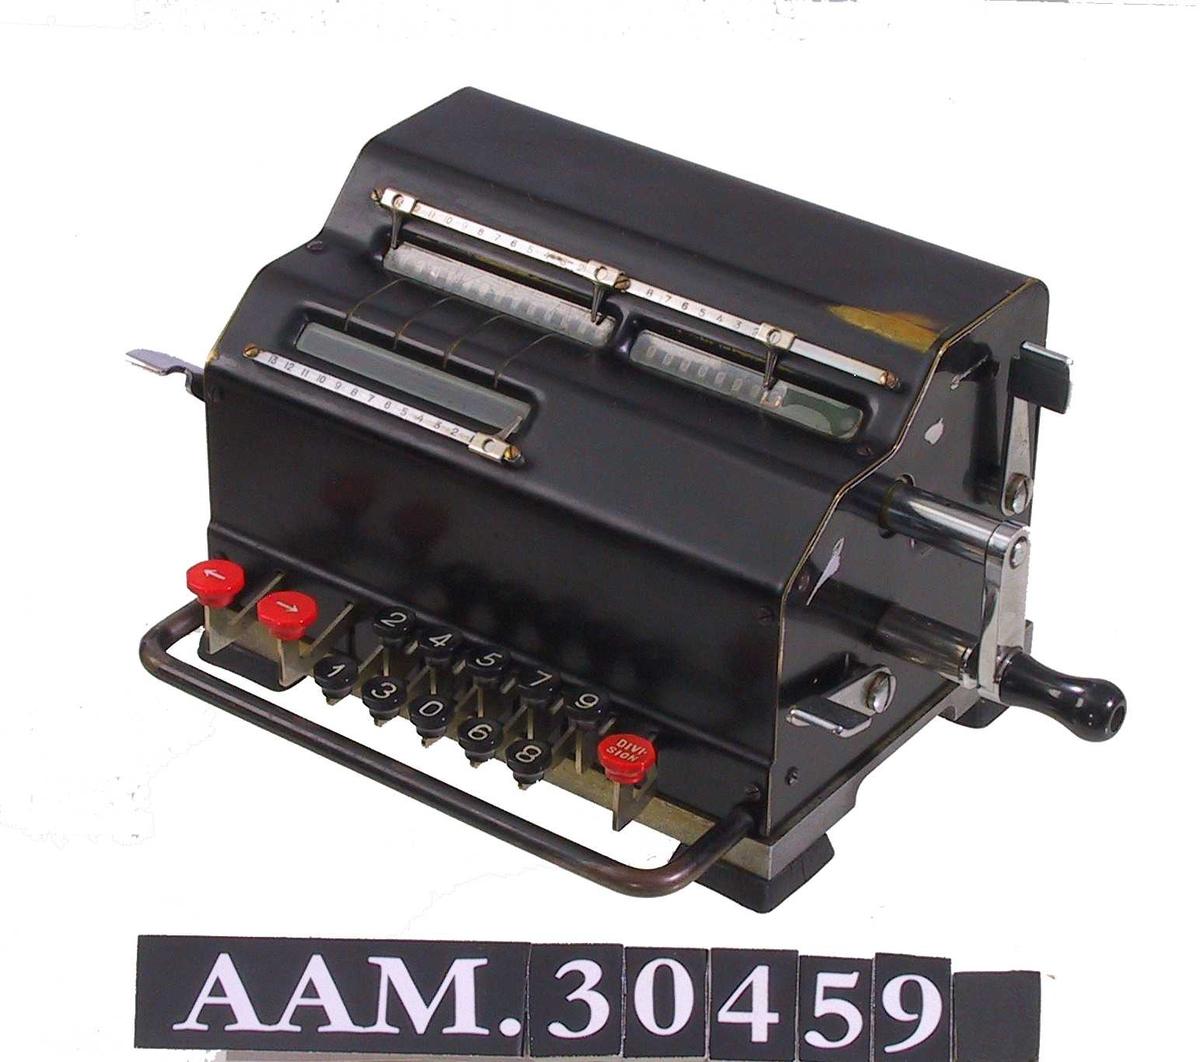 Form: Liten kasse med rektangulær grunnflate, overside med 2 høydenivå, taster stikker ut nederst på fremsiden, bøyle foran disse. Sveiv på høyre side.